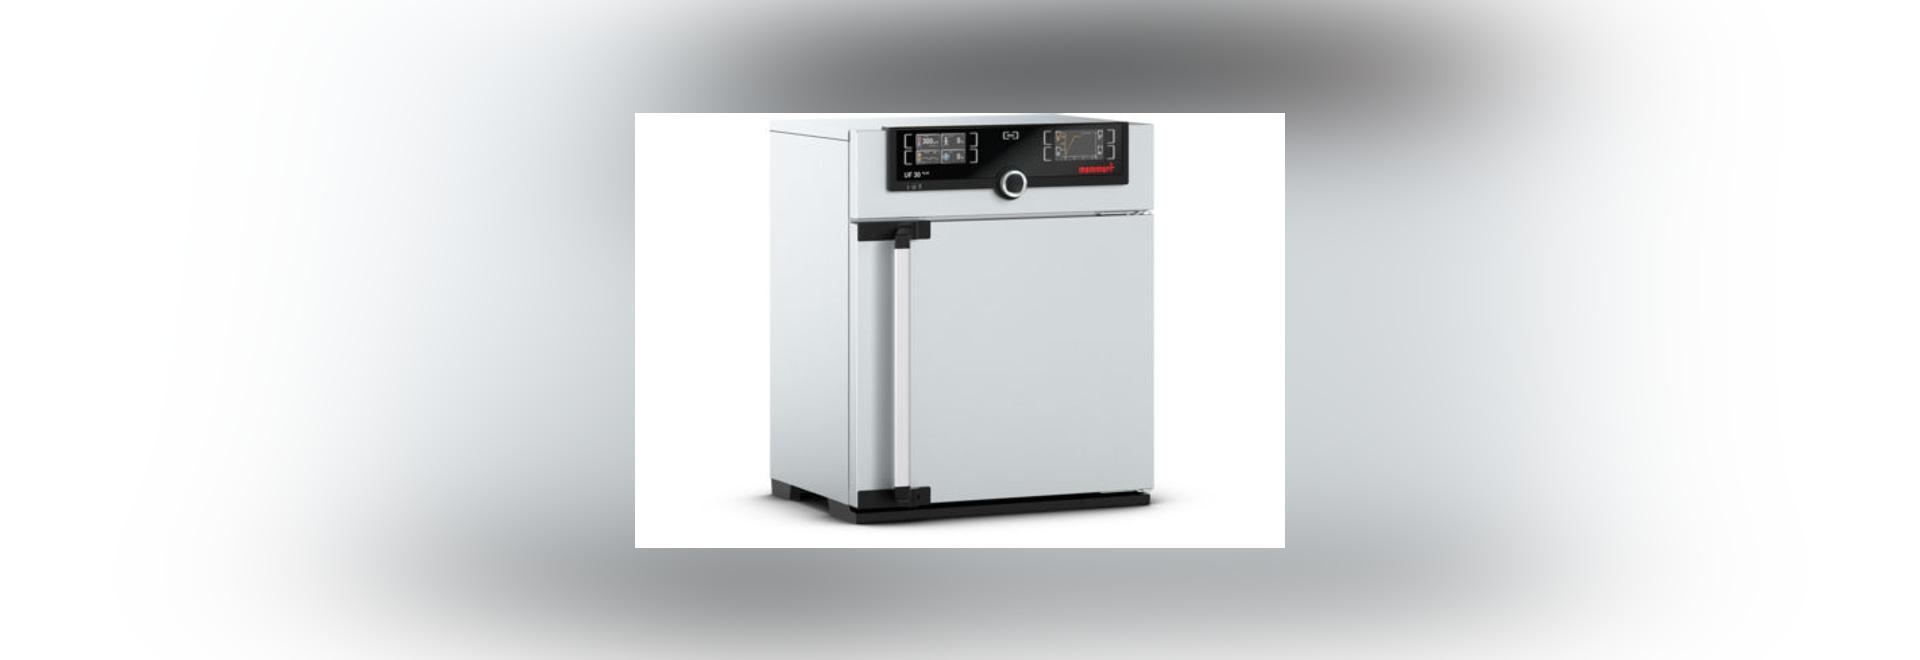 NEU: elektrische Wärme§schrank by Memmert